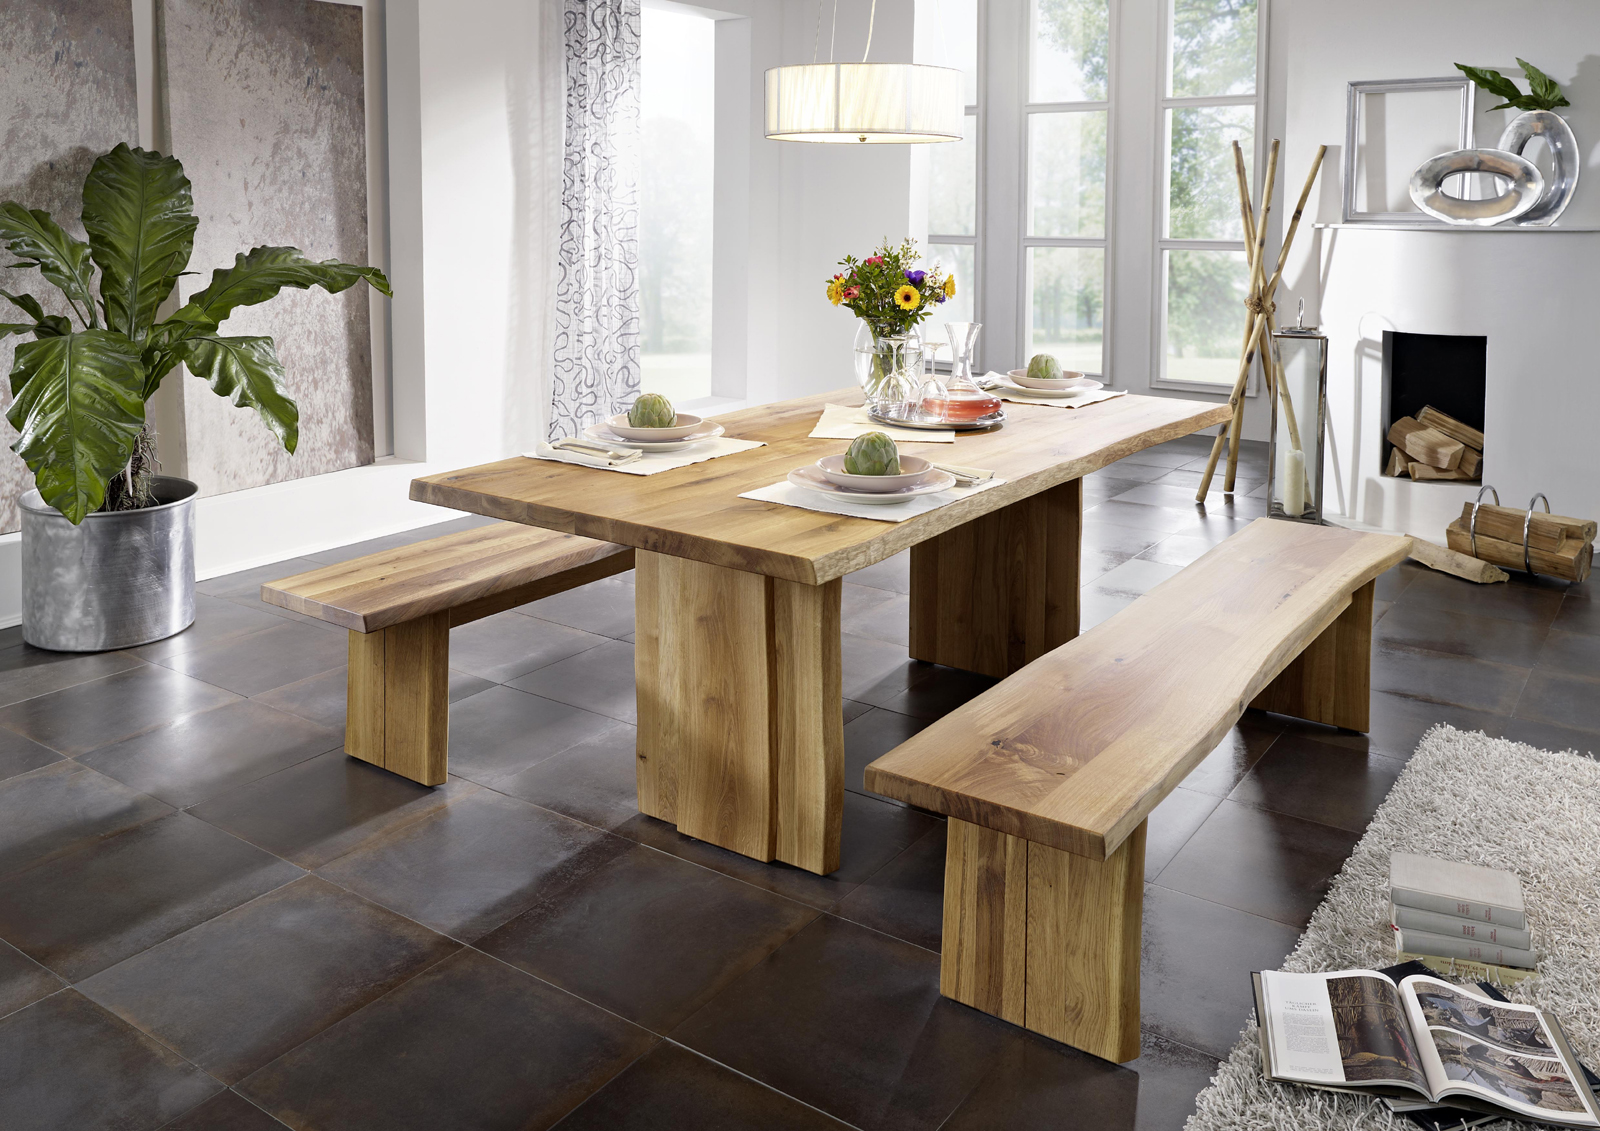 Sam baumtisch aus ge lter wildeiche 180 x 100 cm zinst - Baumtisch esszimmer ...